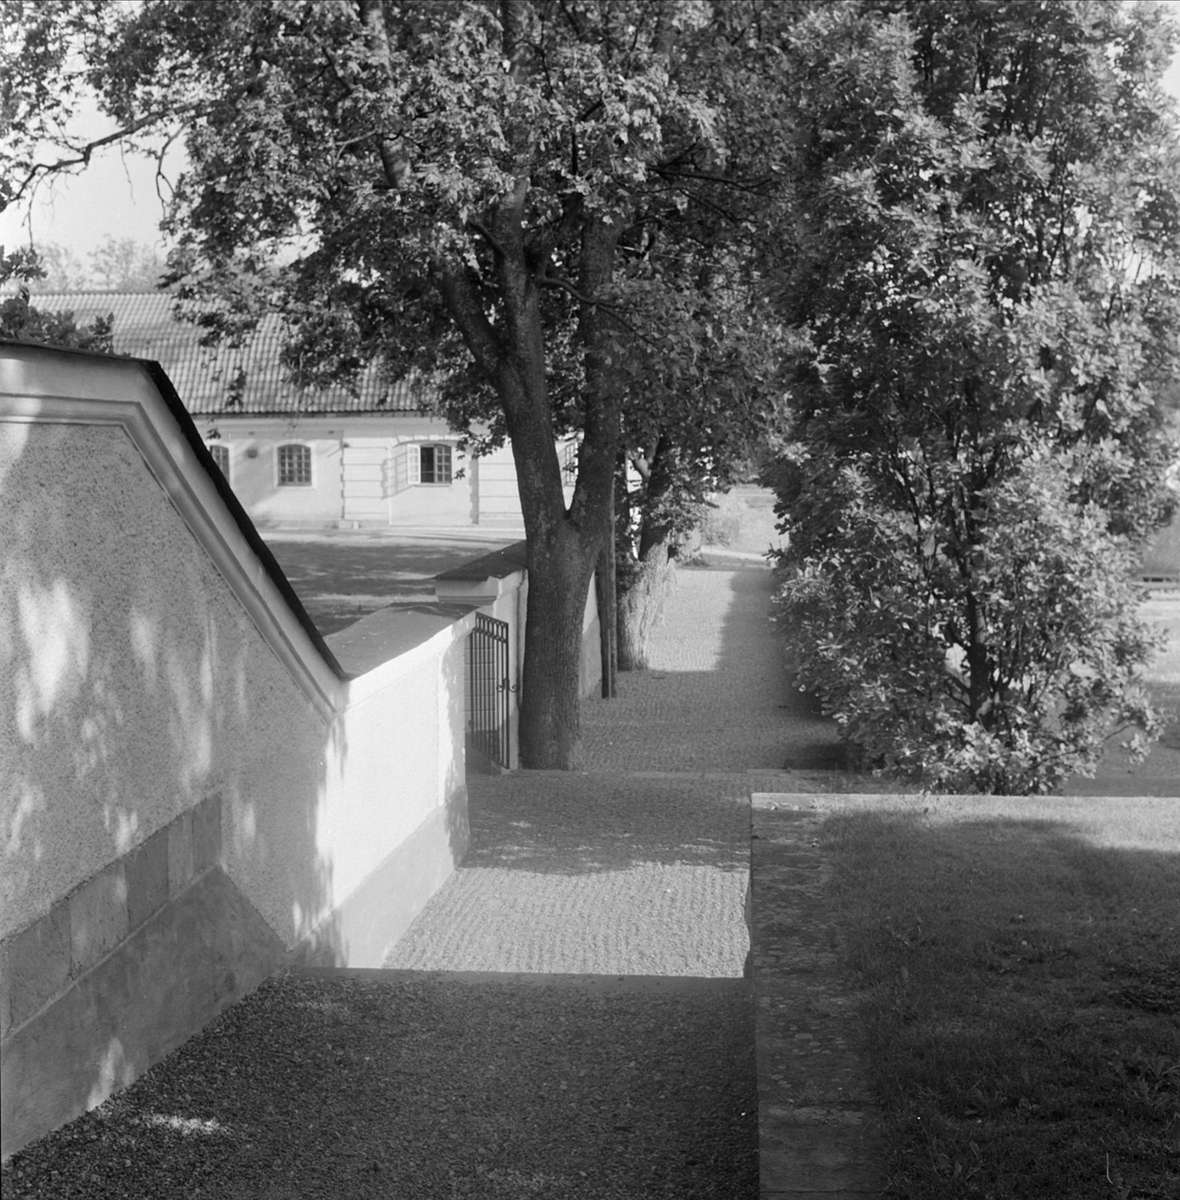 Port till gårdsplan, Stora Wäsby säteri, Hammarby socken, Uppland 1960